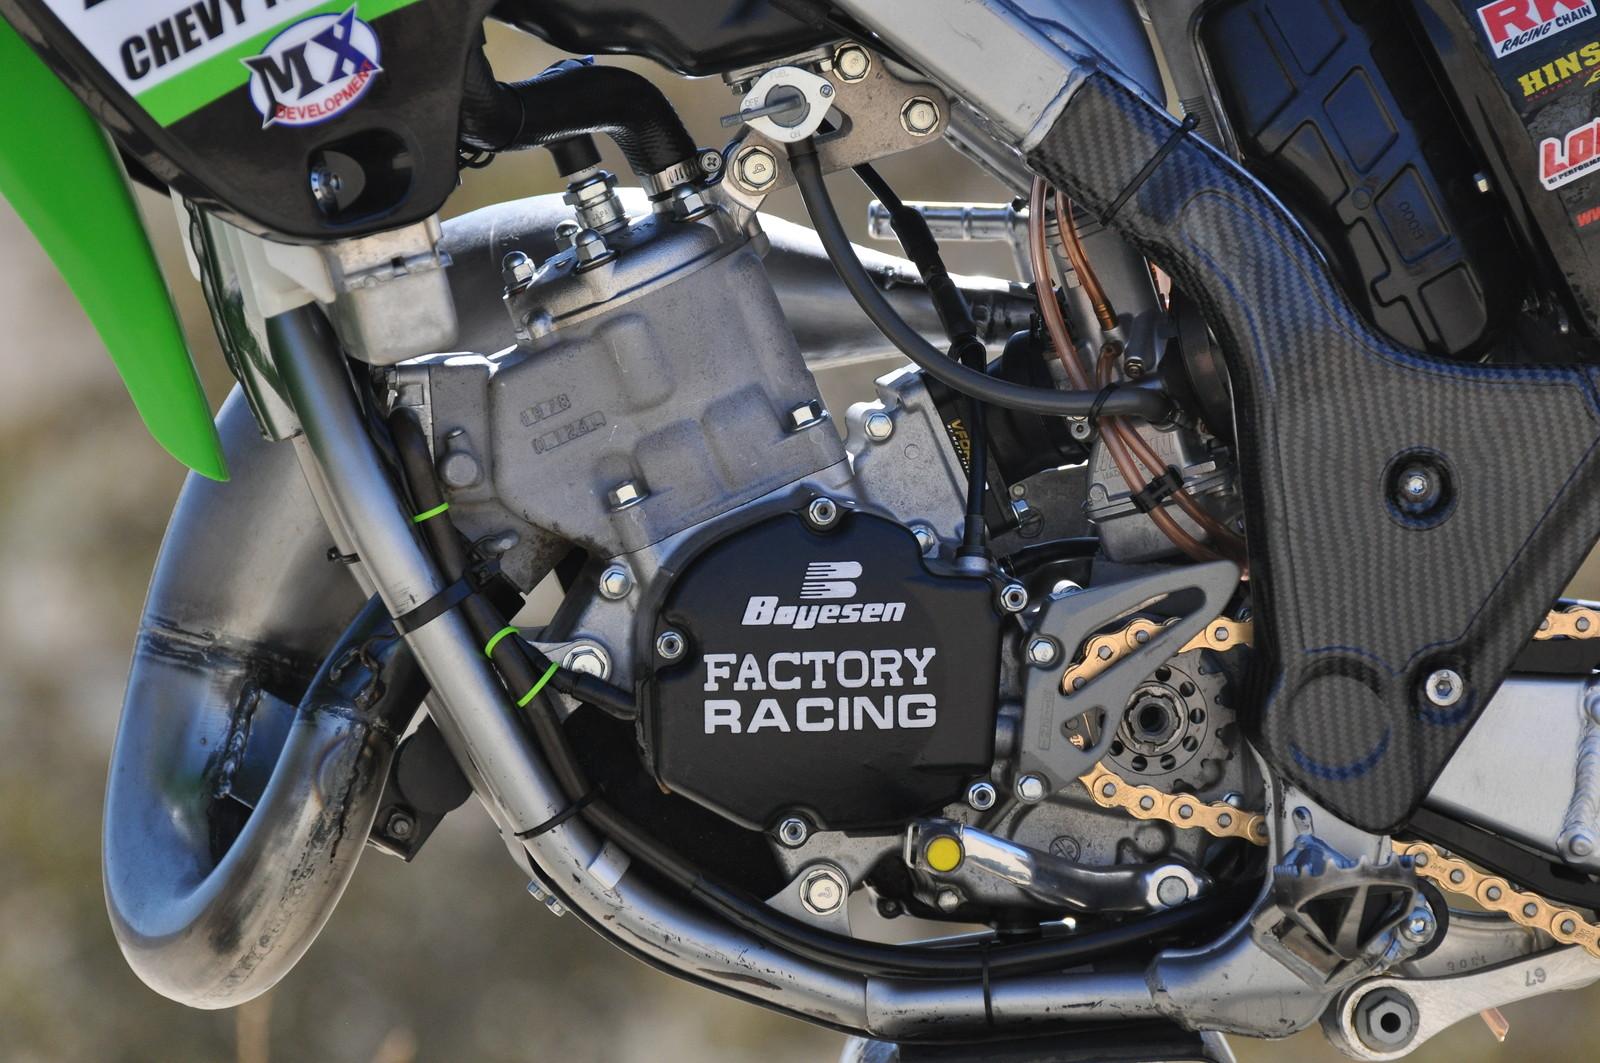 kawasaki kx 125 sr - mark chillzone u0026 39 s bike check